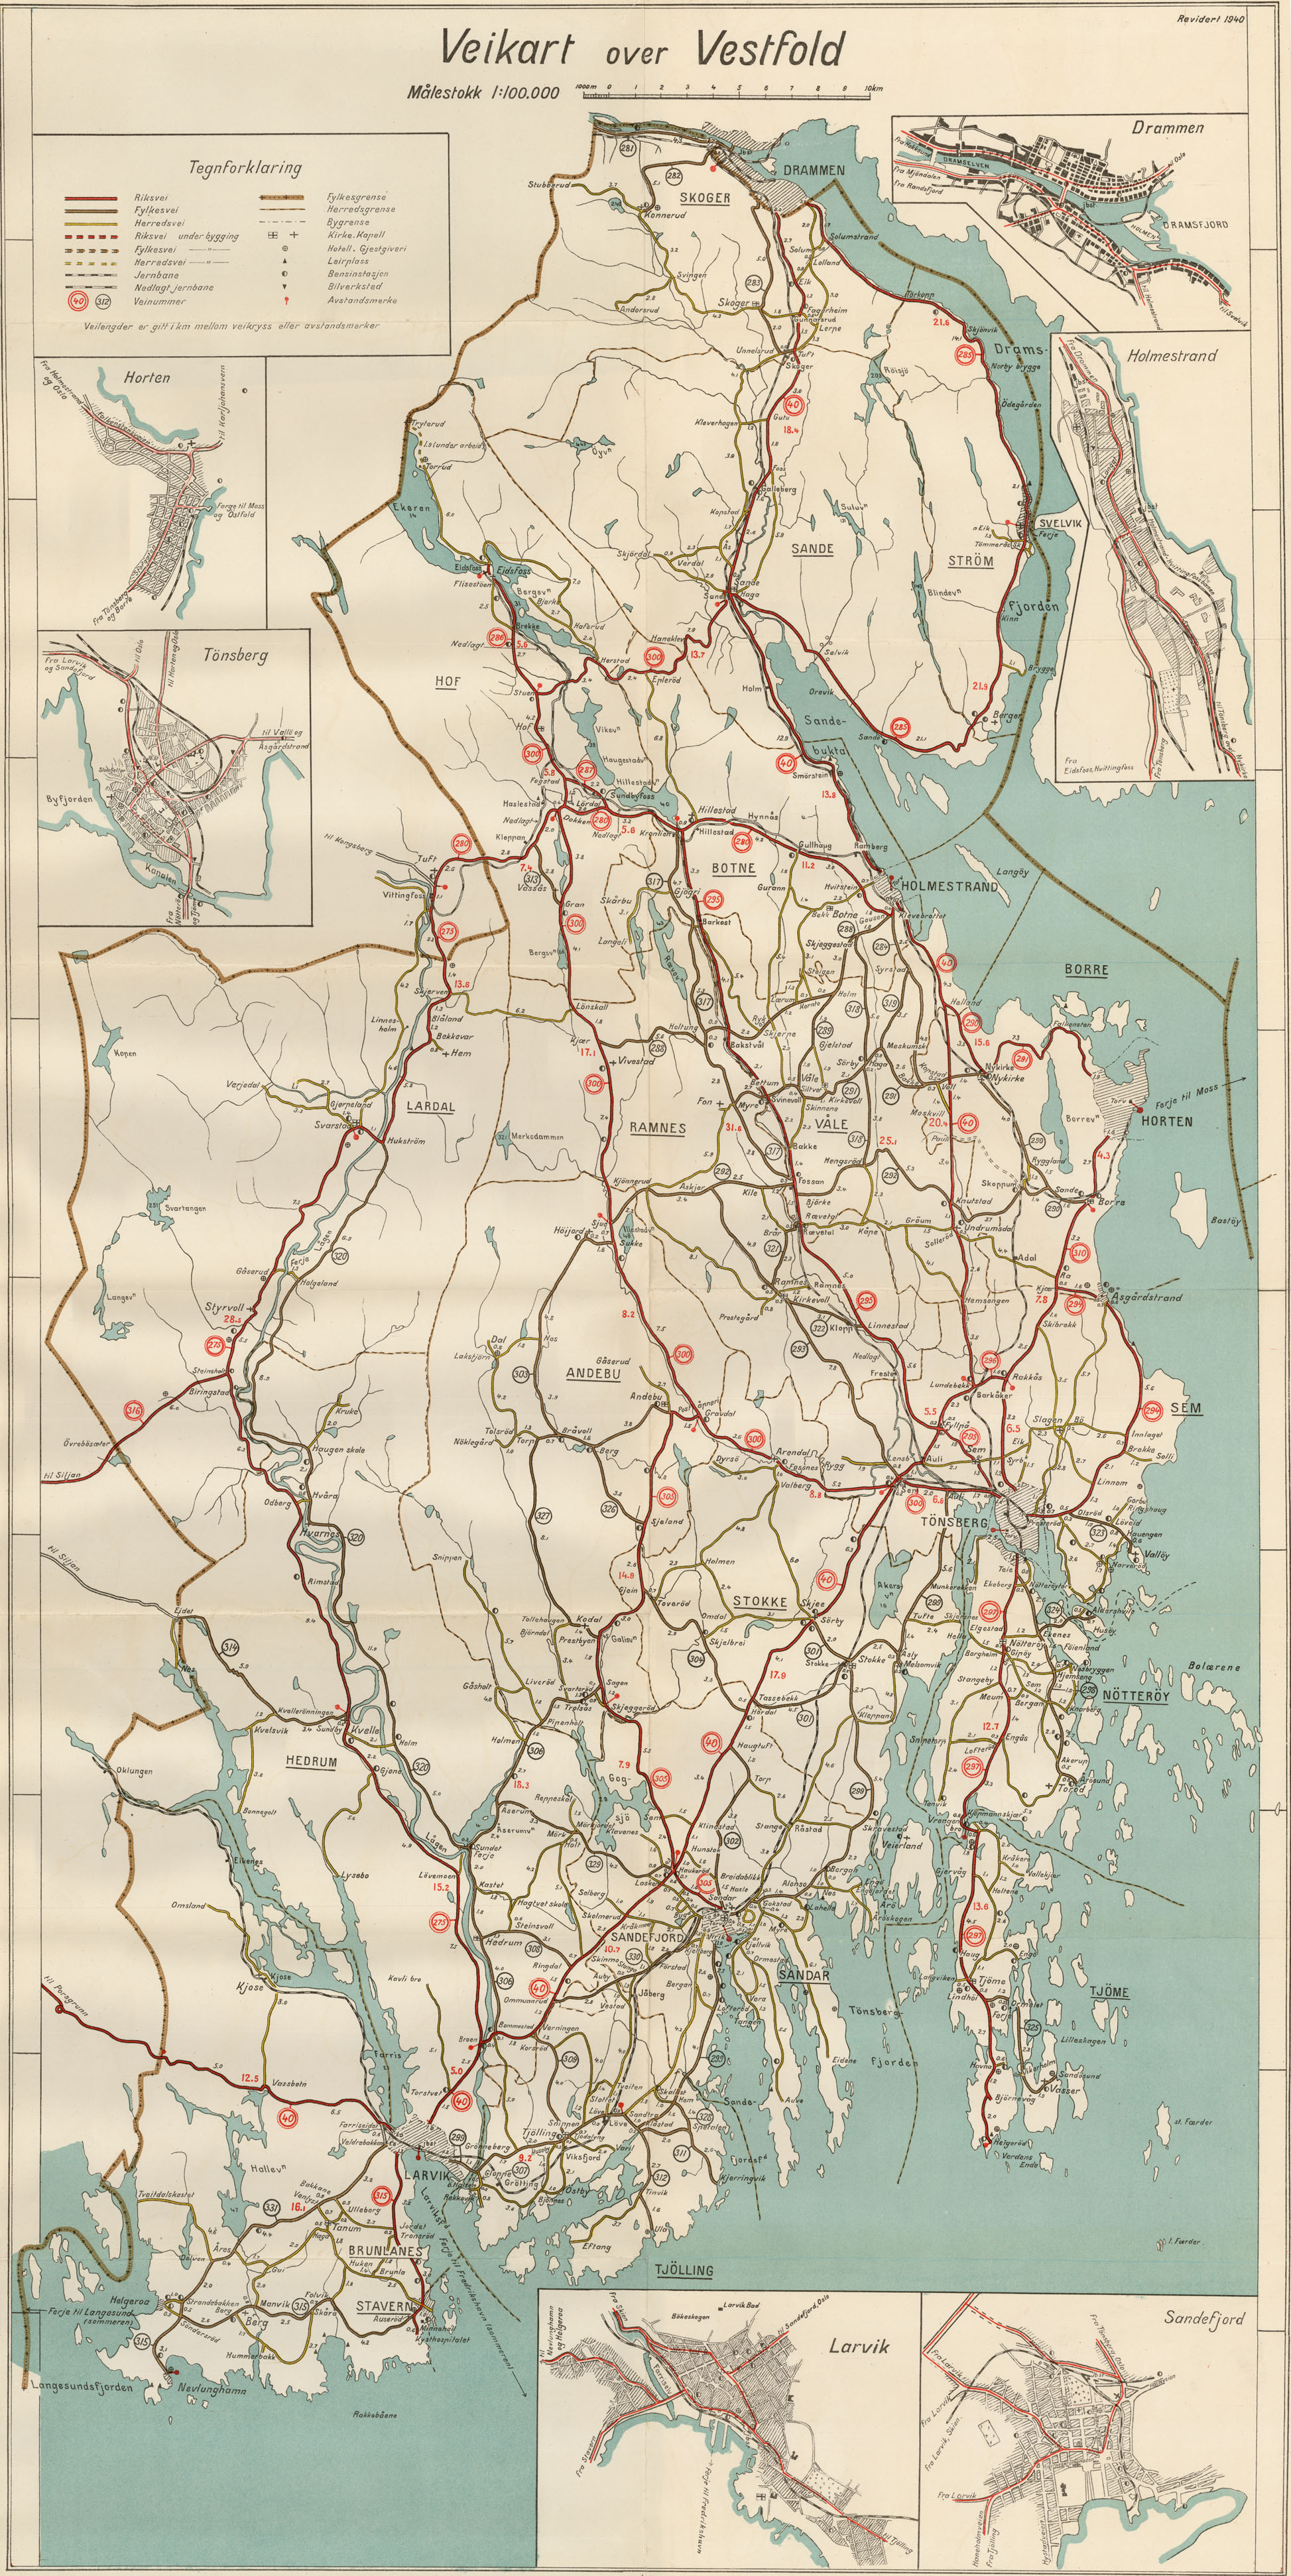 Kart over Vestfold